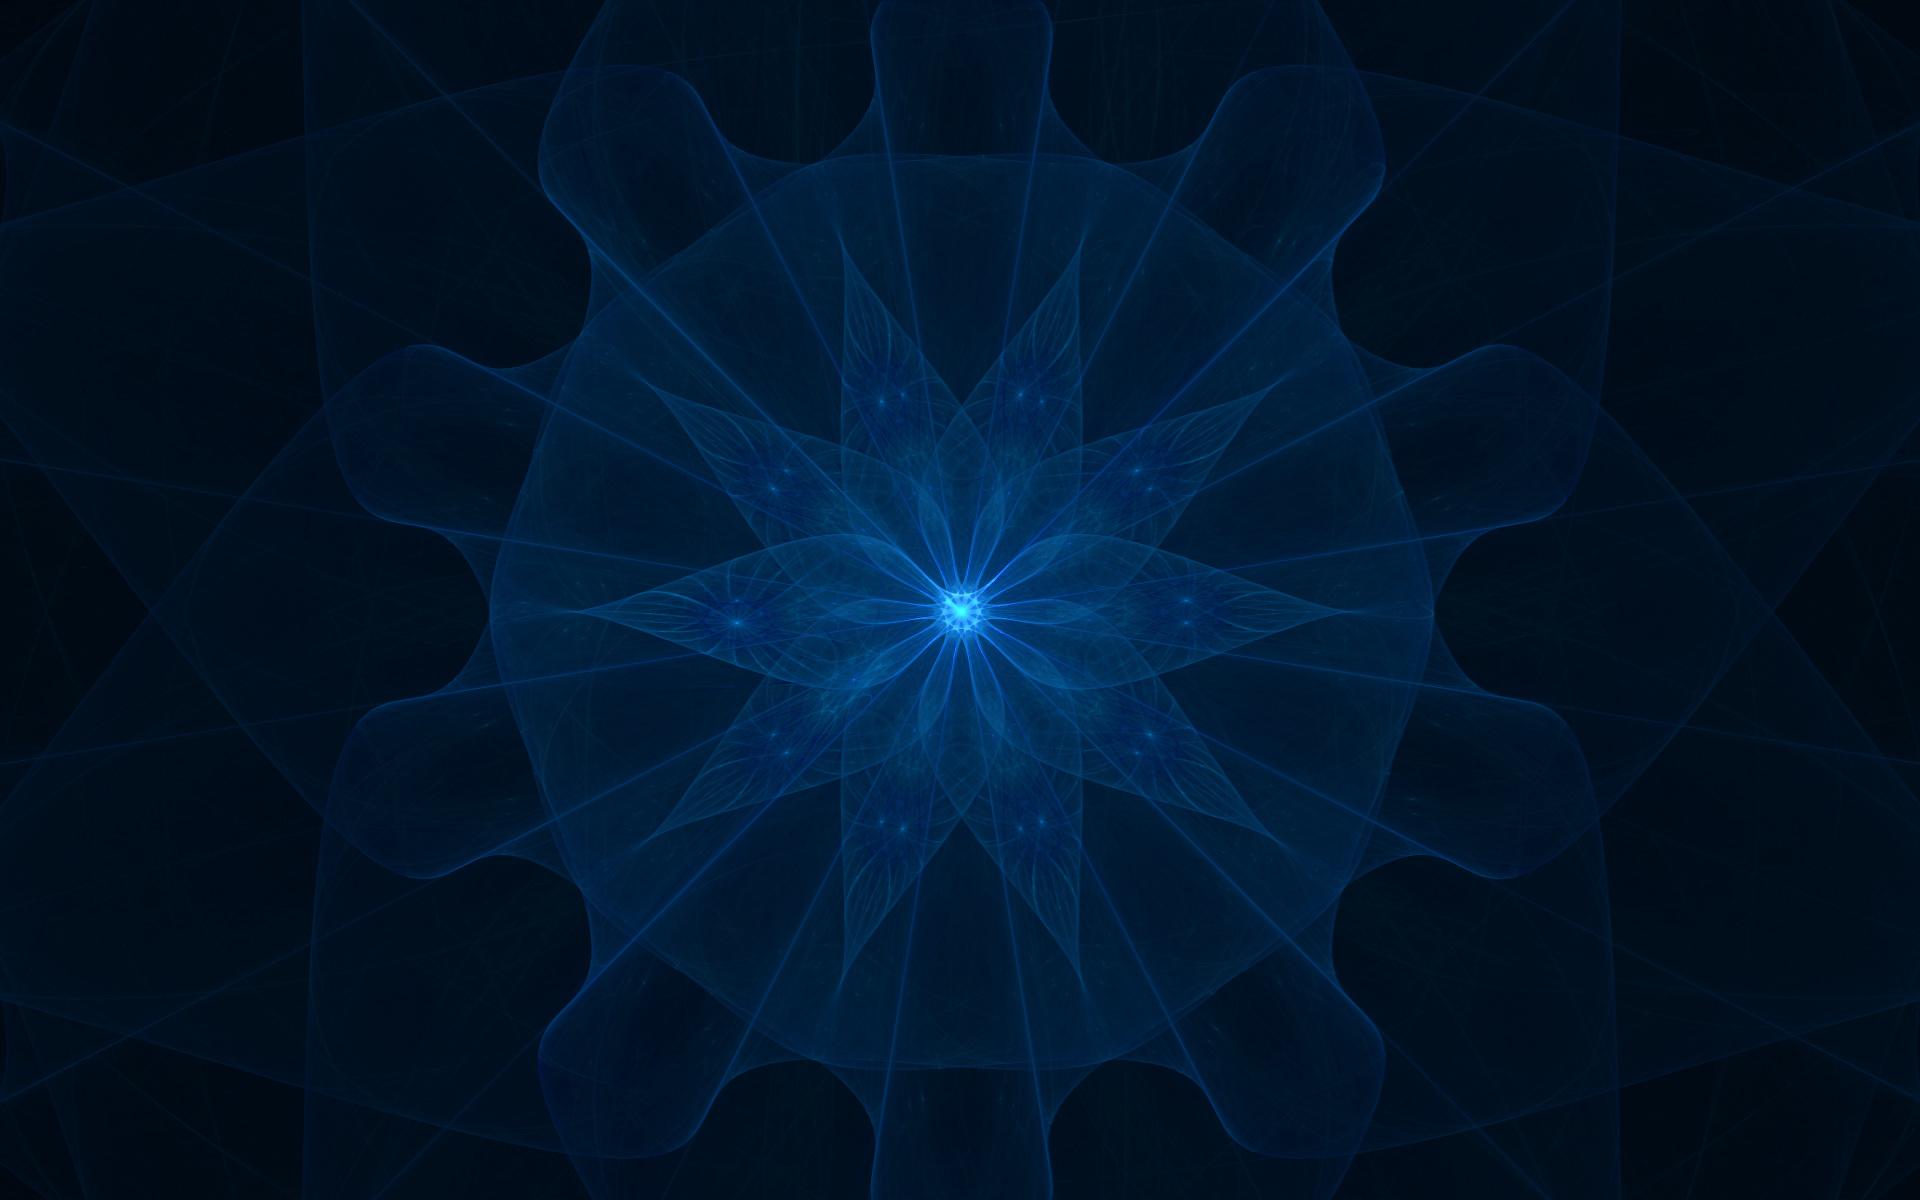 Estrellas abstractas - 1920x1200